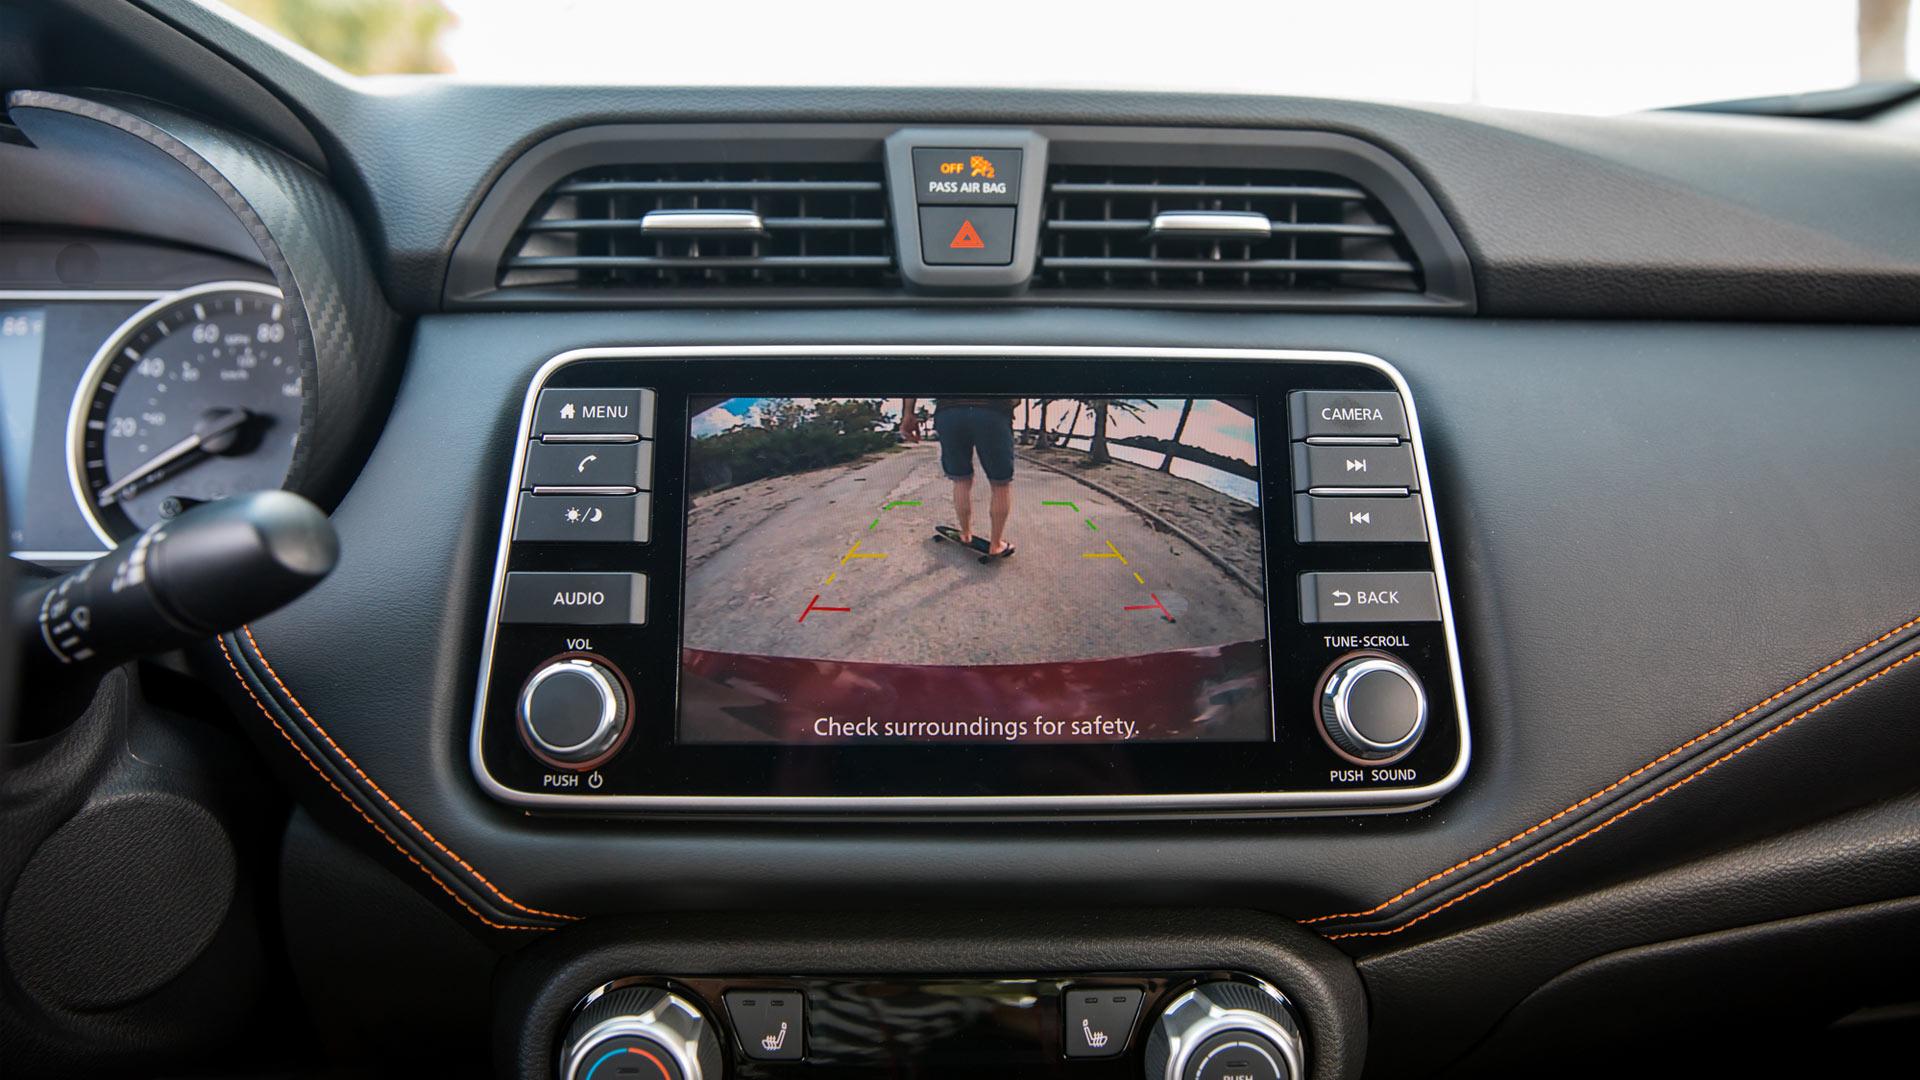 2020-Nissan-Versa-Interior-Infotainment-System